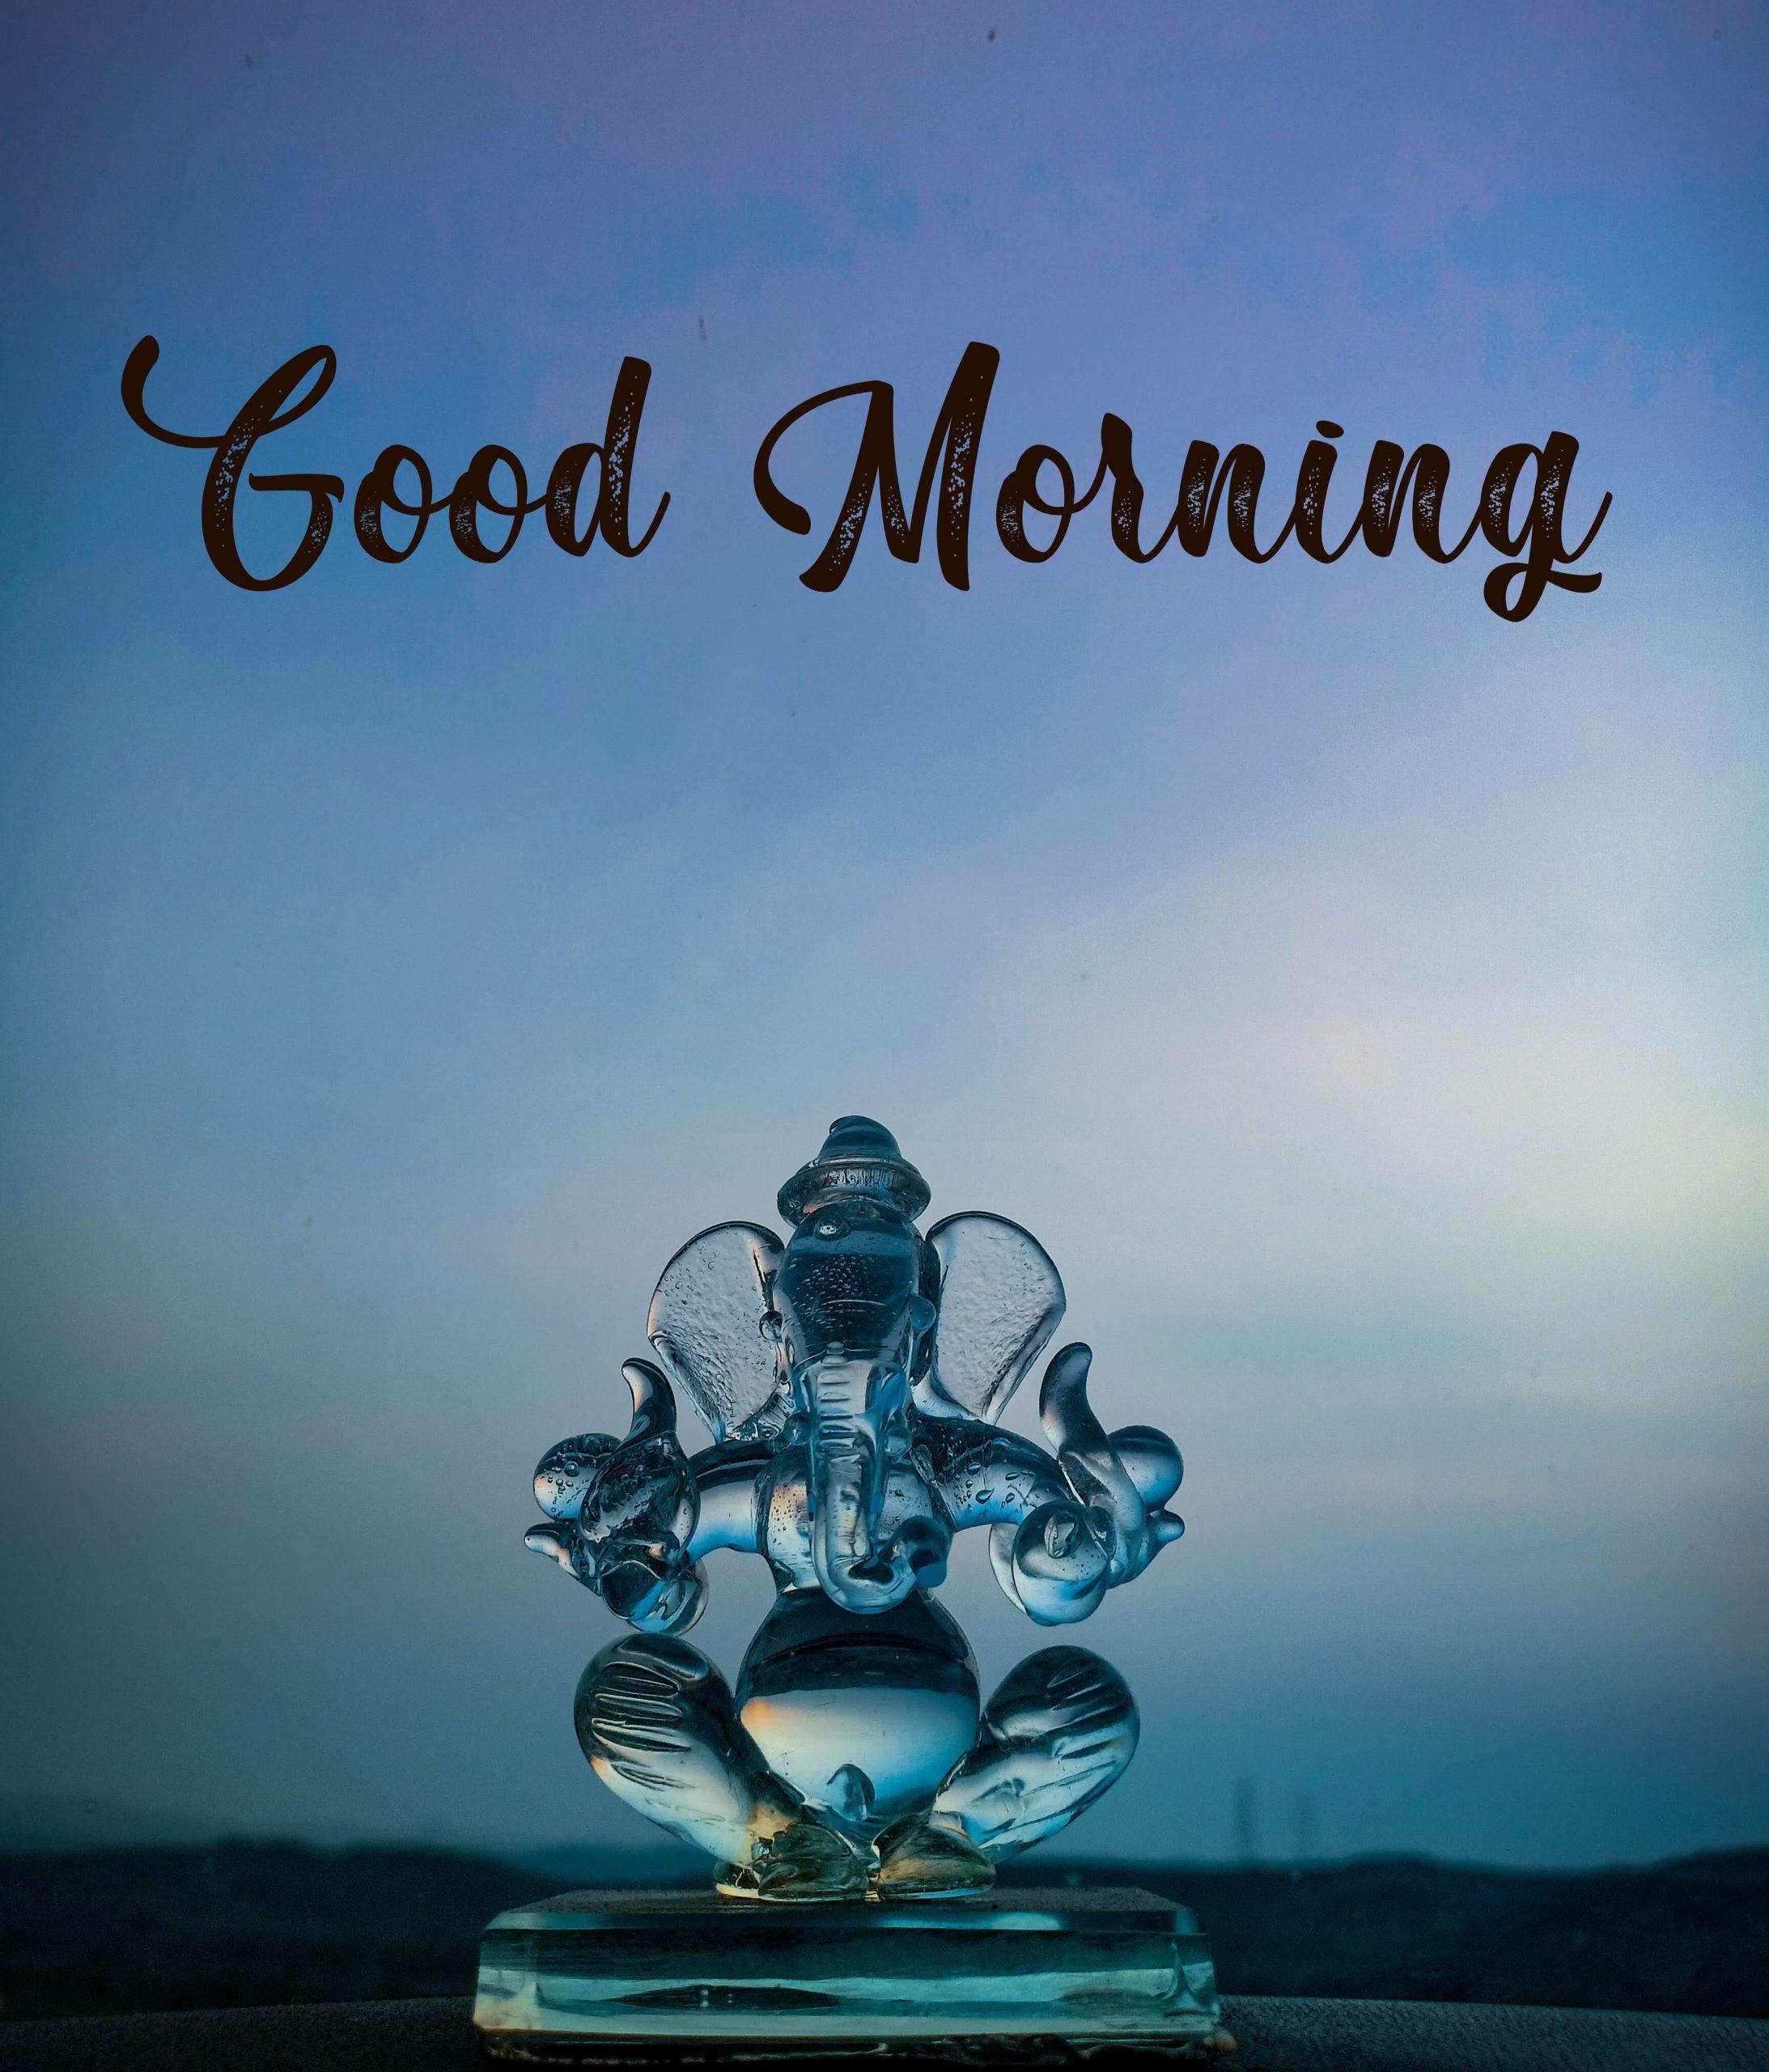 New ganesha good morning images pics download